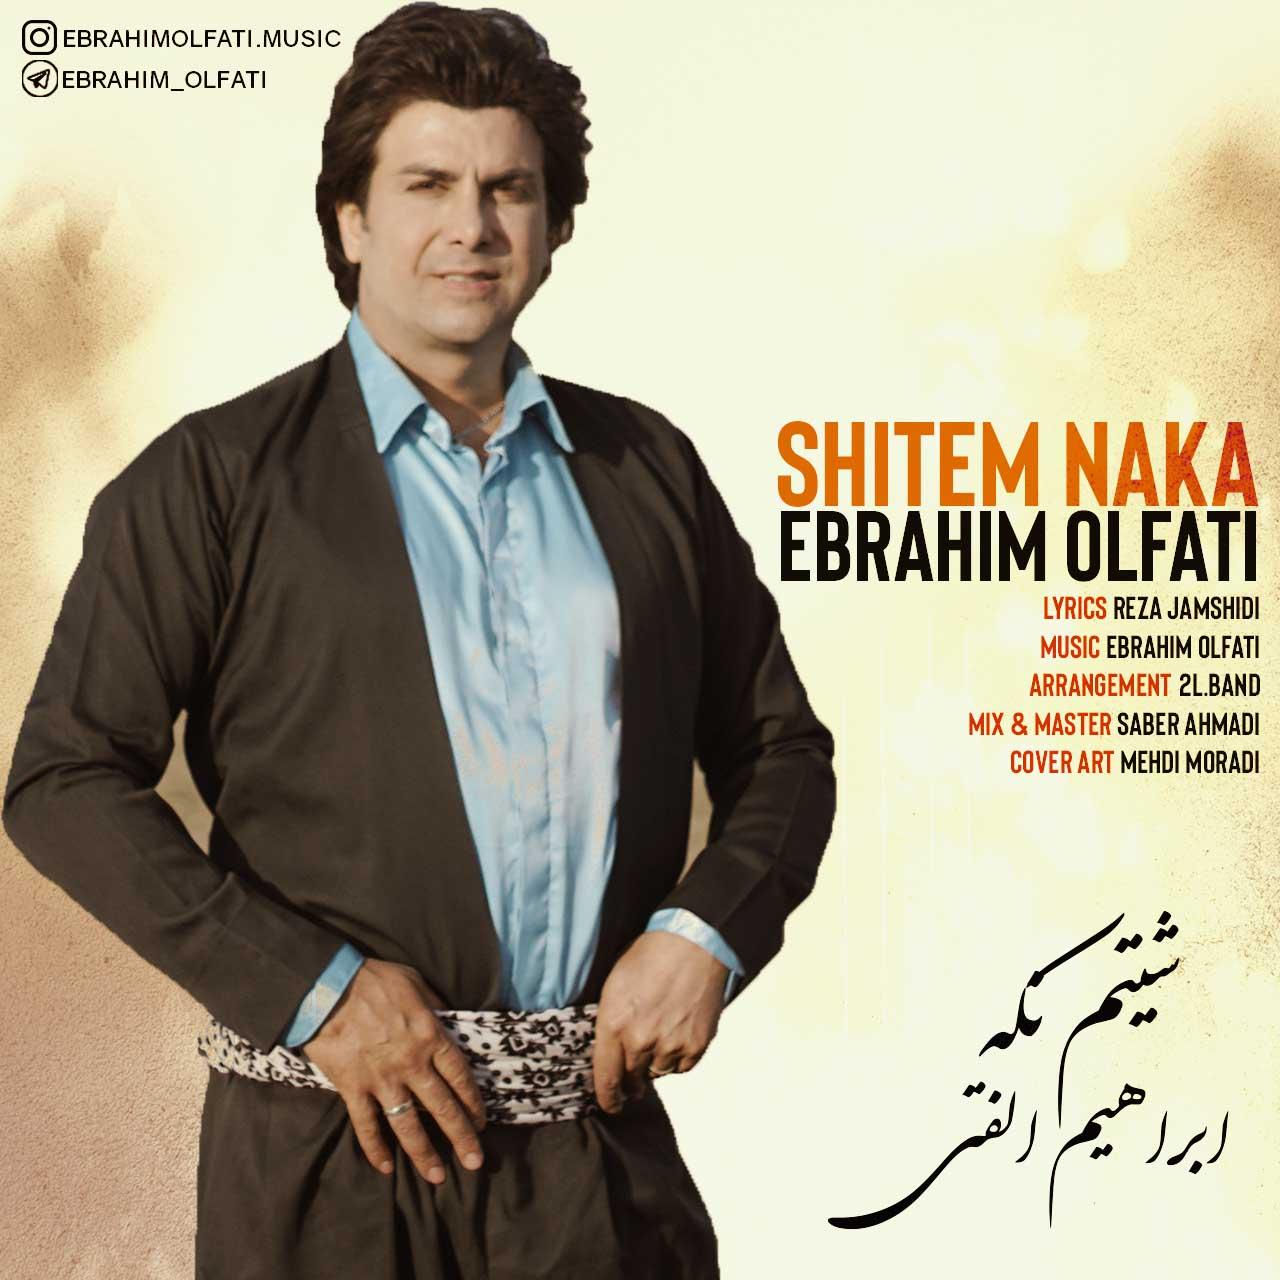 دانلود موزیک ویدیو جدید ابراهیم الفتی به نام شیتم نکه